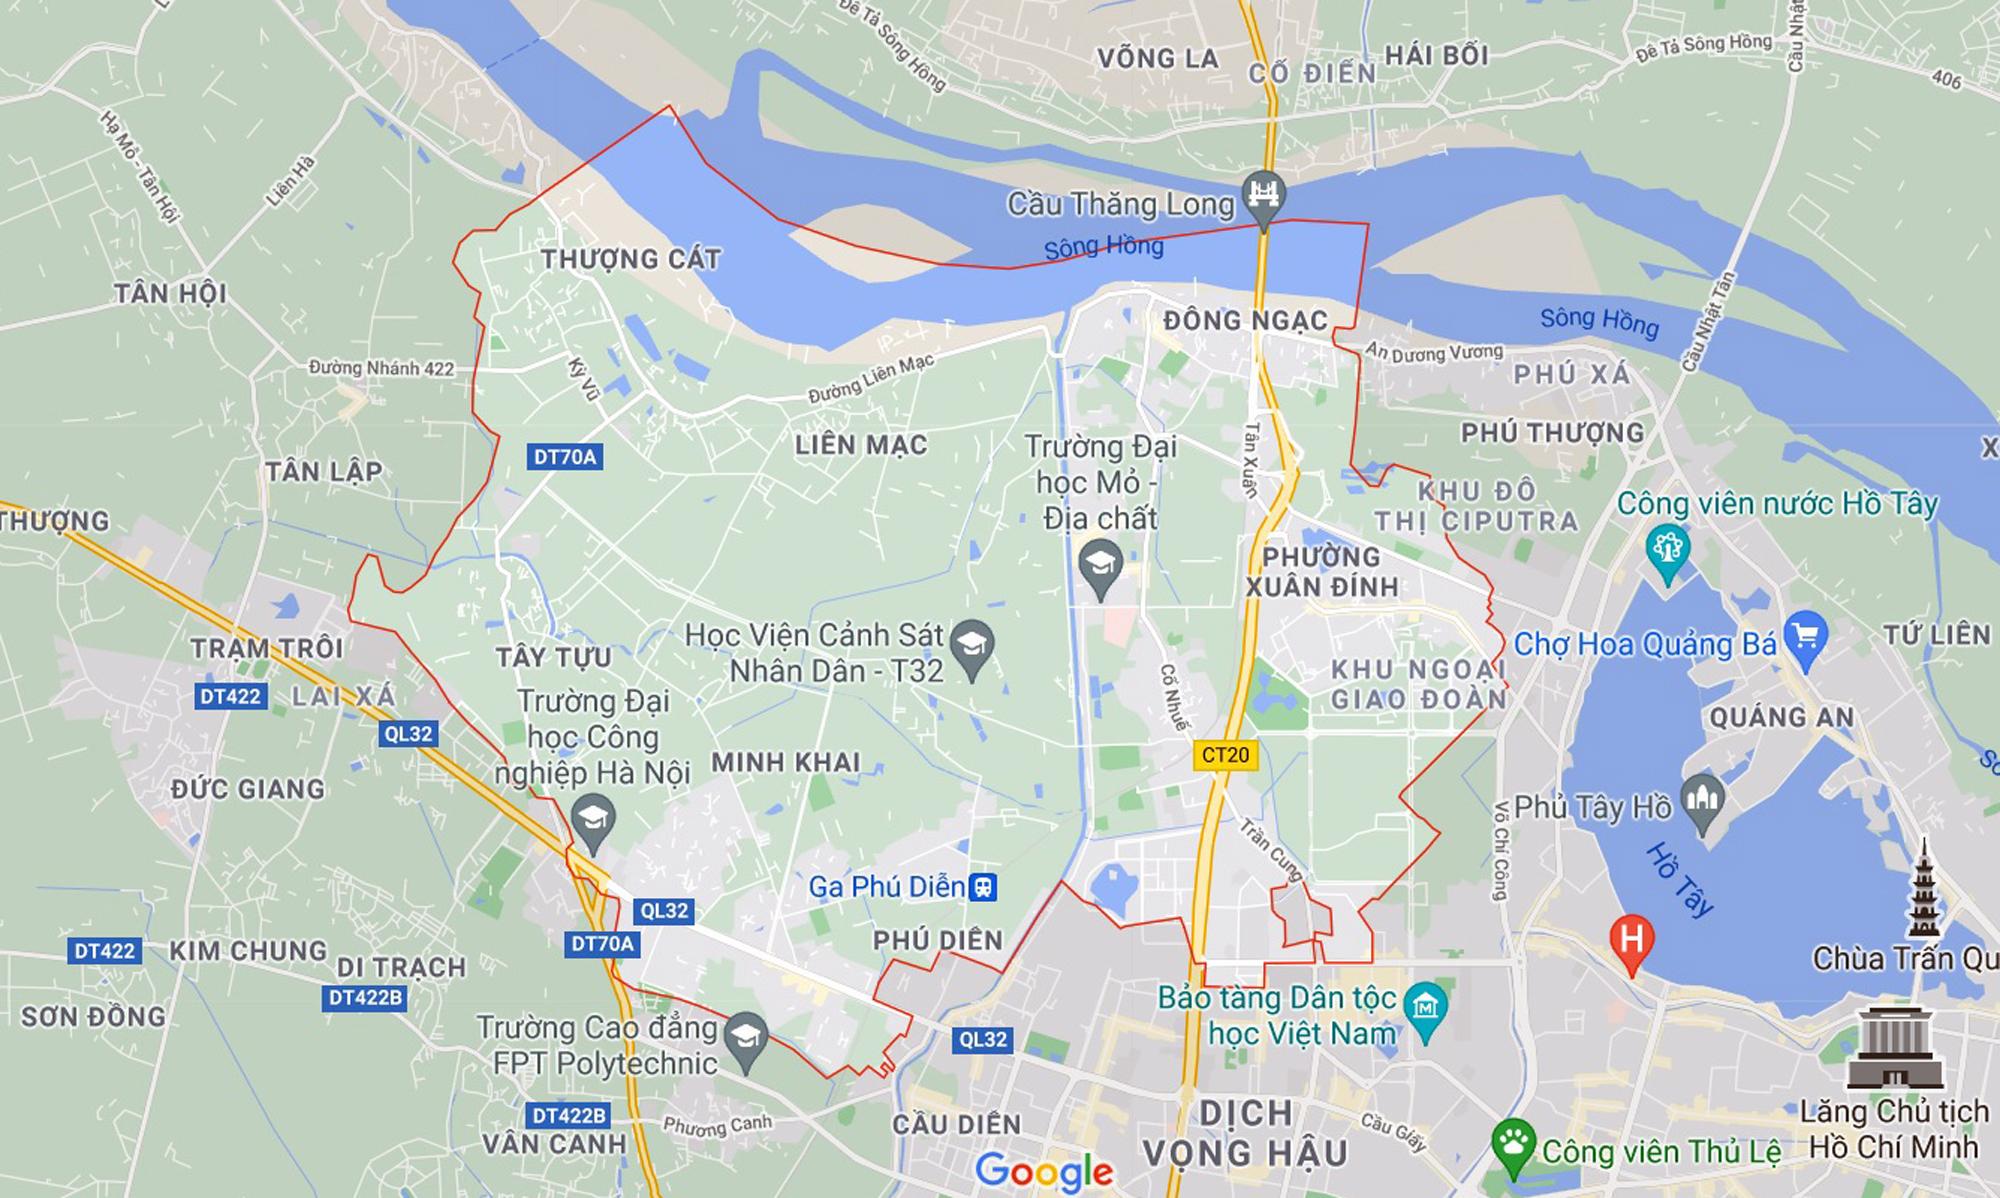 Những khu đất sắp thu hồi để mở đường ở quận Bắc Từ Liêm, Hà Nội (phần 3) - Ảnh 1.